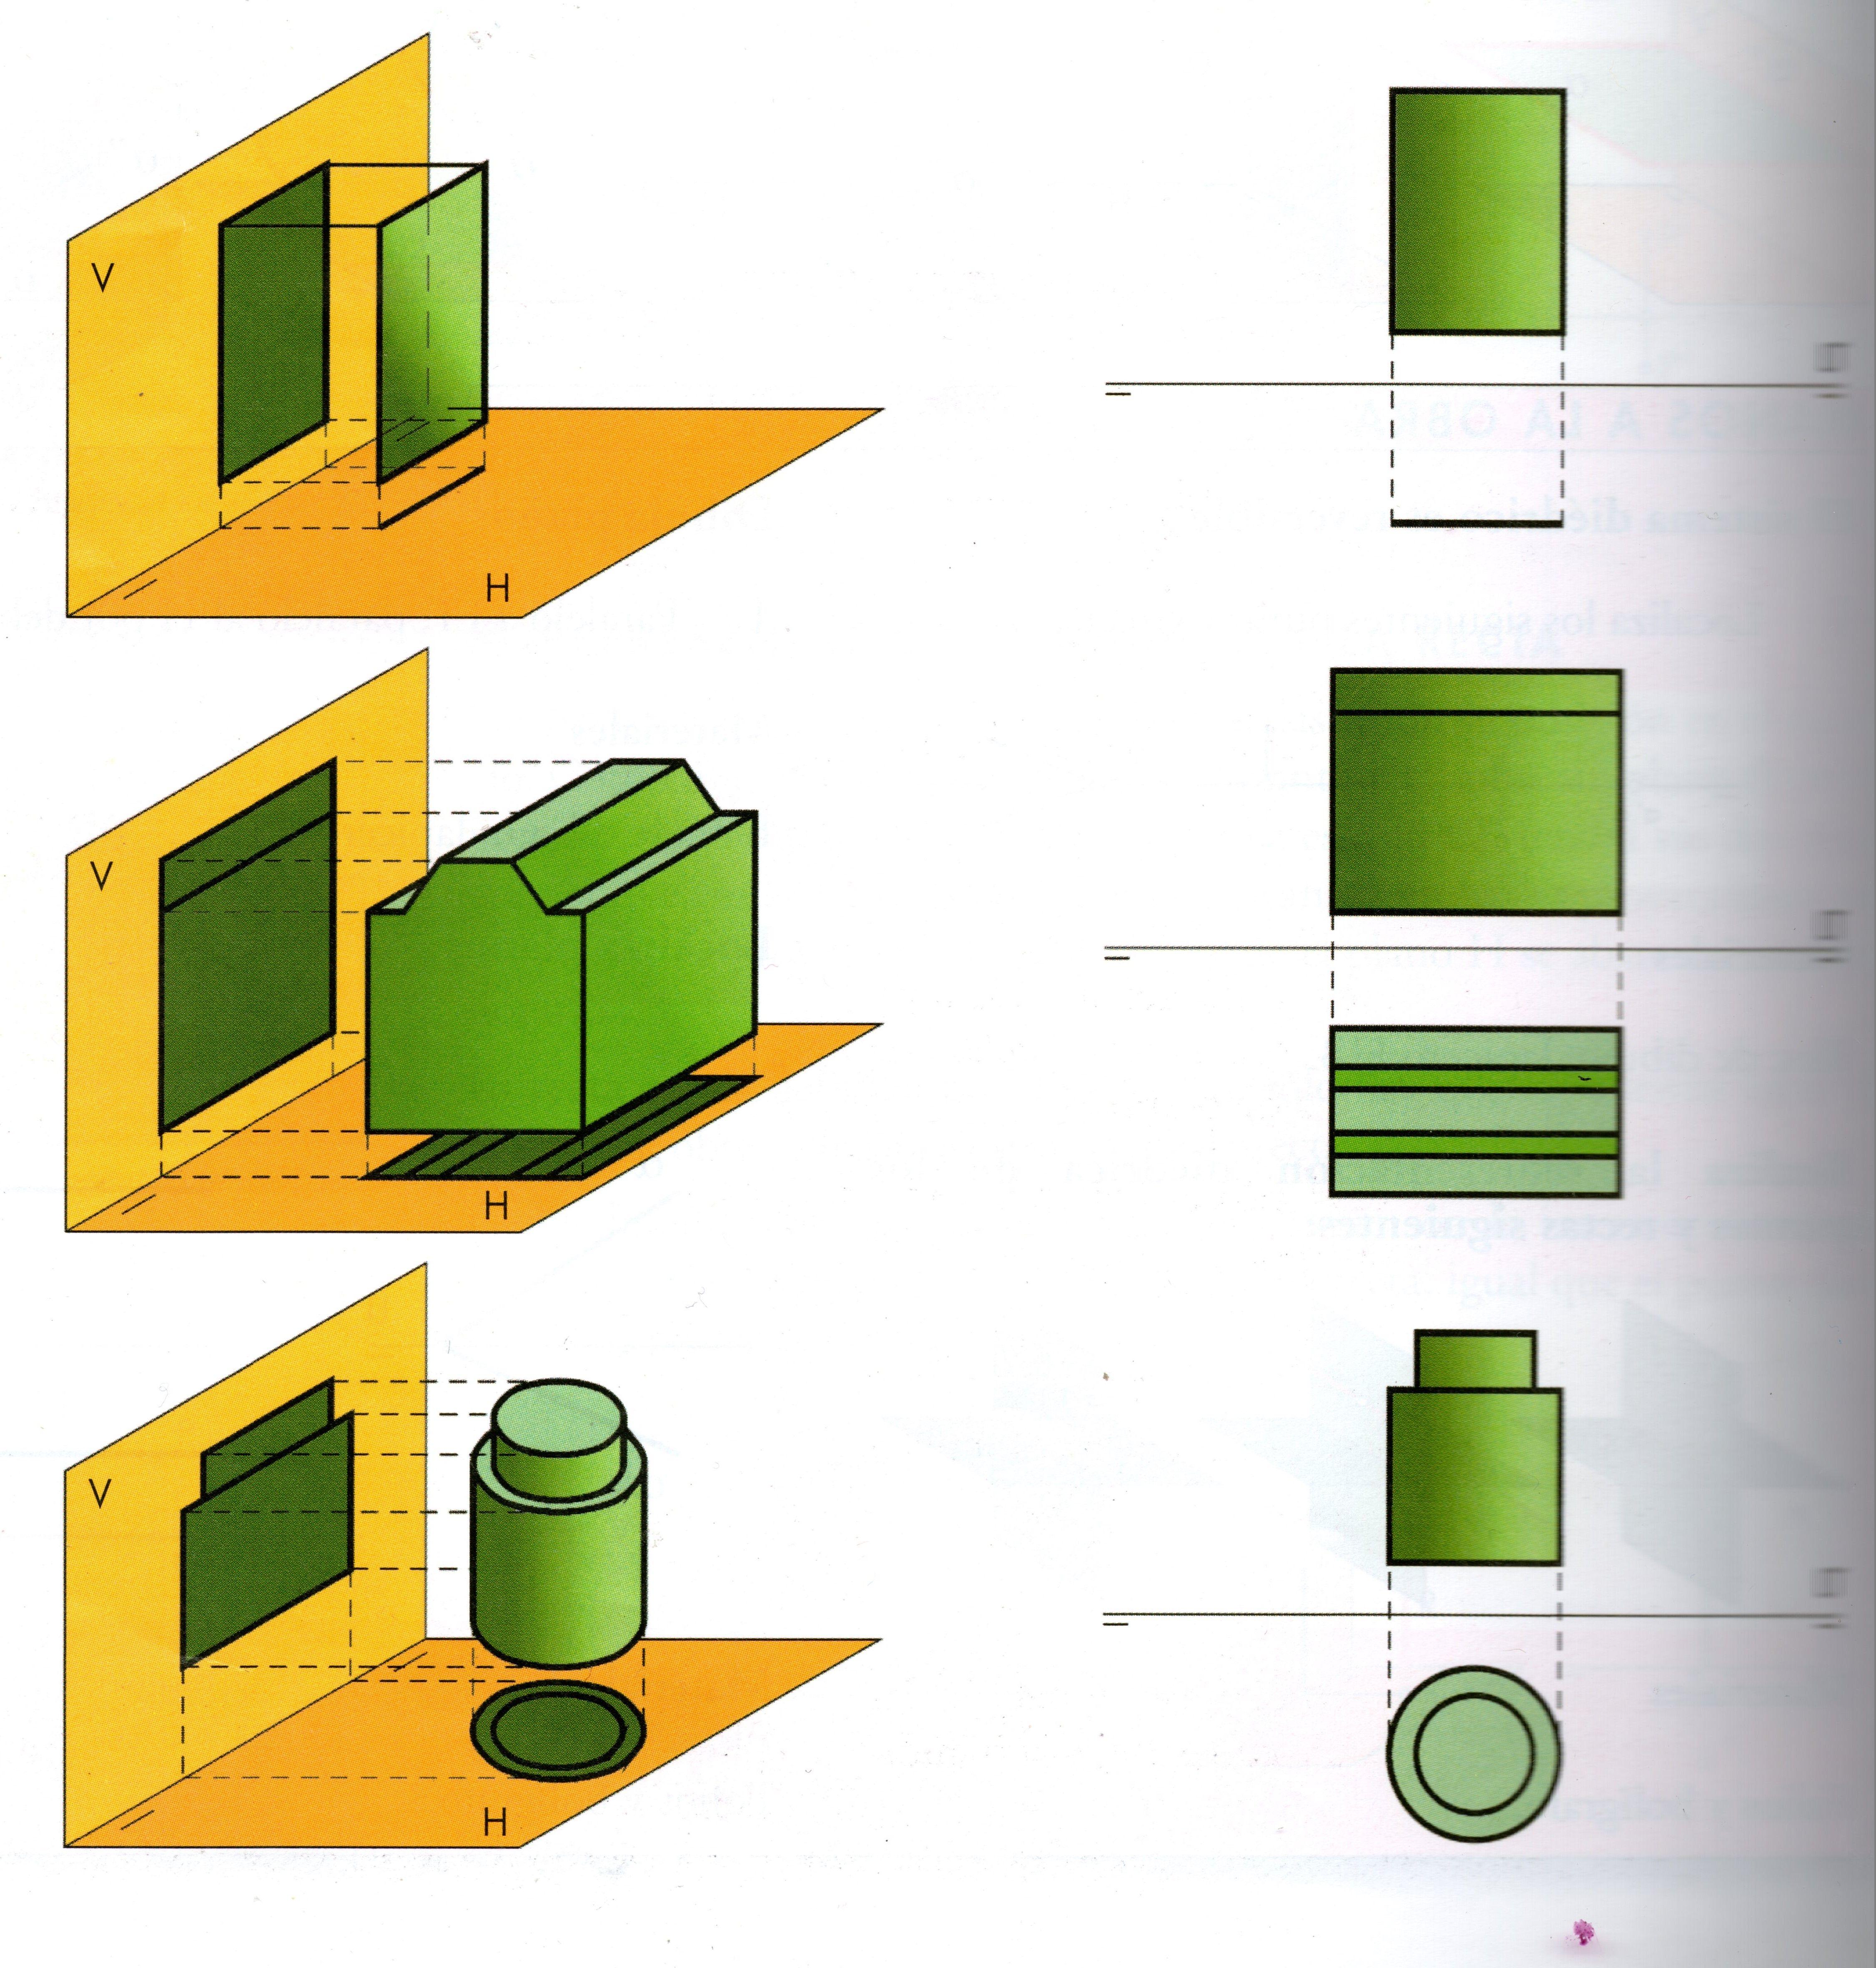 Lamina 3 Representa En El Sistema De Proyeccion Ortogonal Los Volumenes Que Dibujaste En La Lam Proyecciones Ortogonales Dibujos 3d A Lapiz Tecnicas De Dibujo